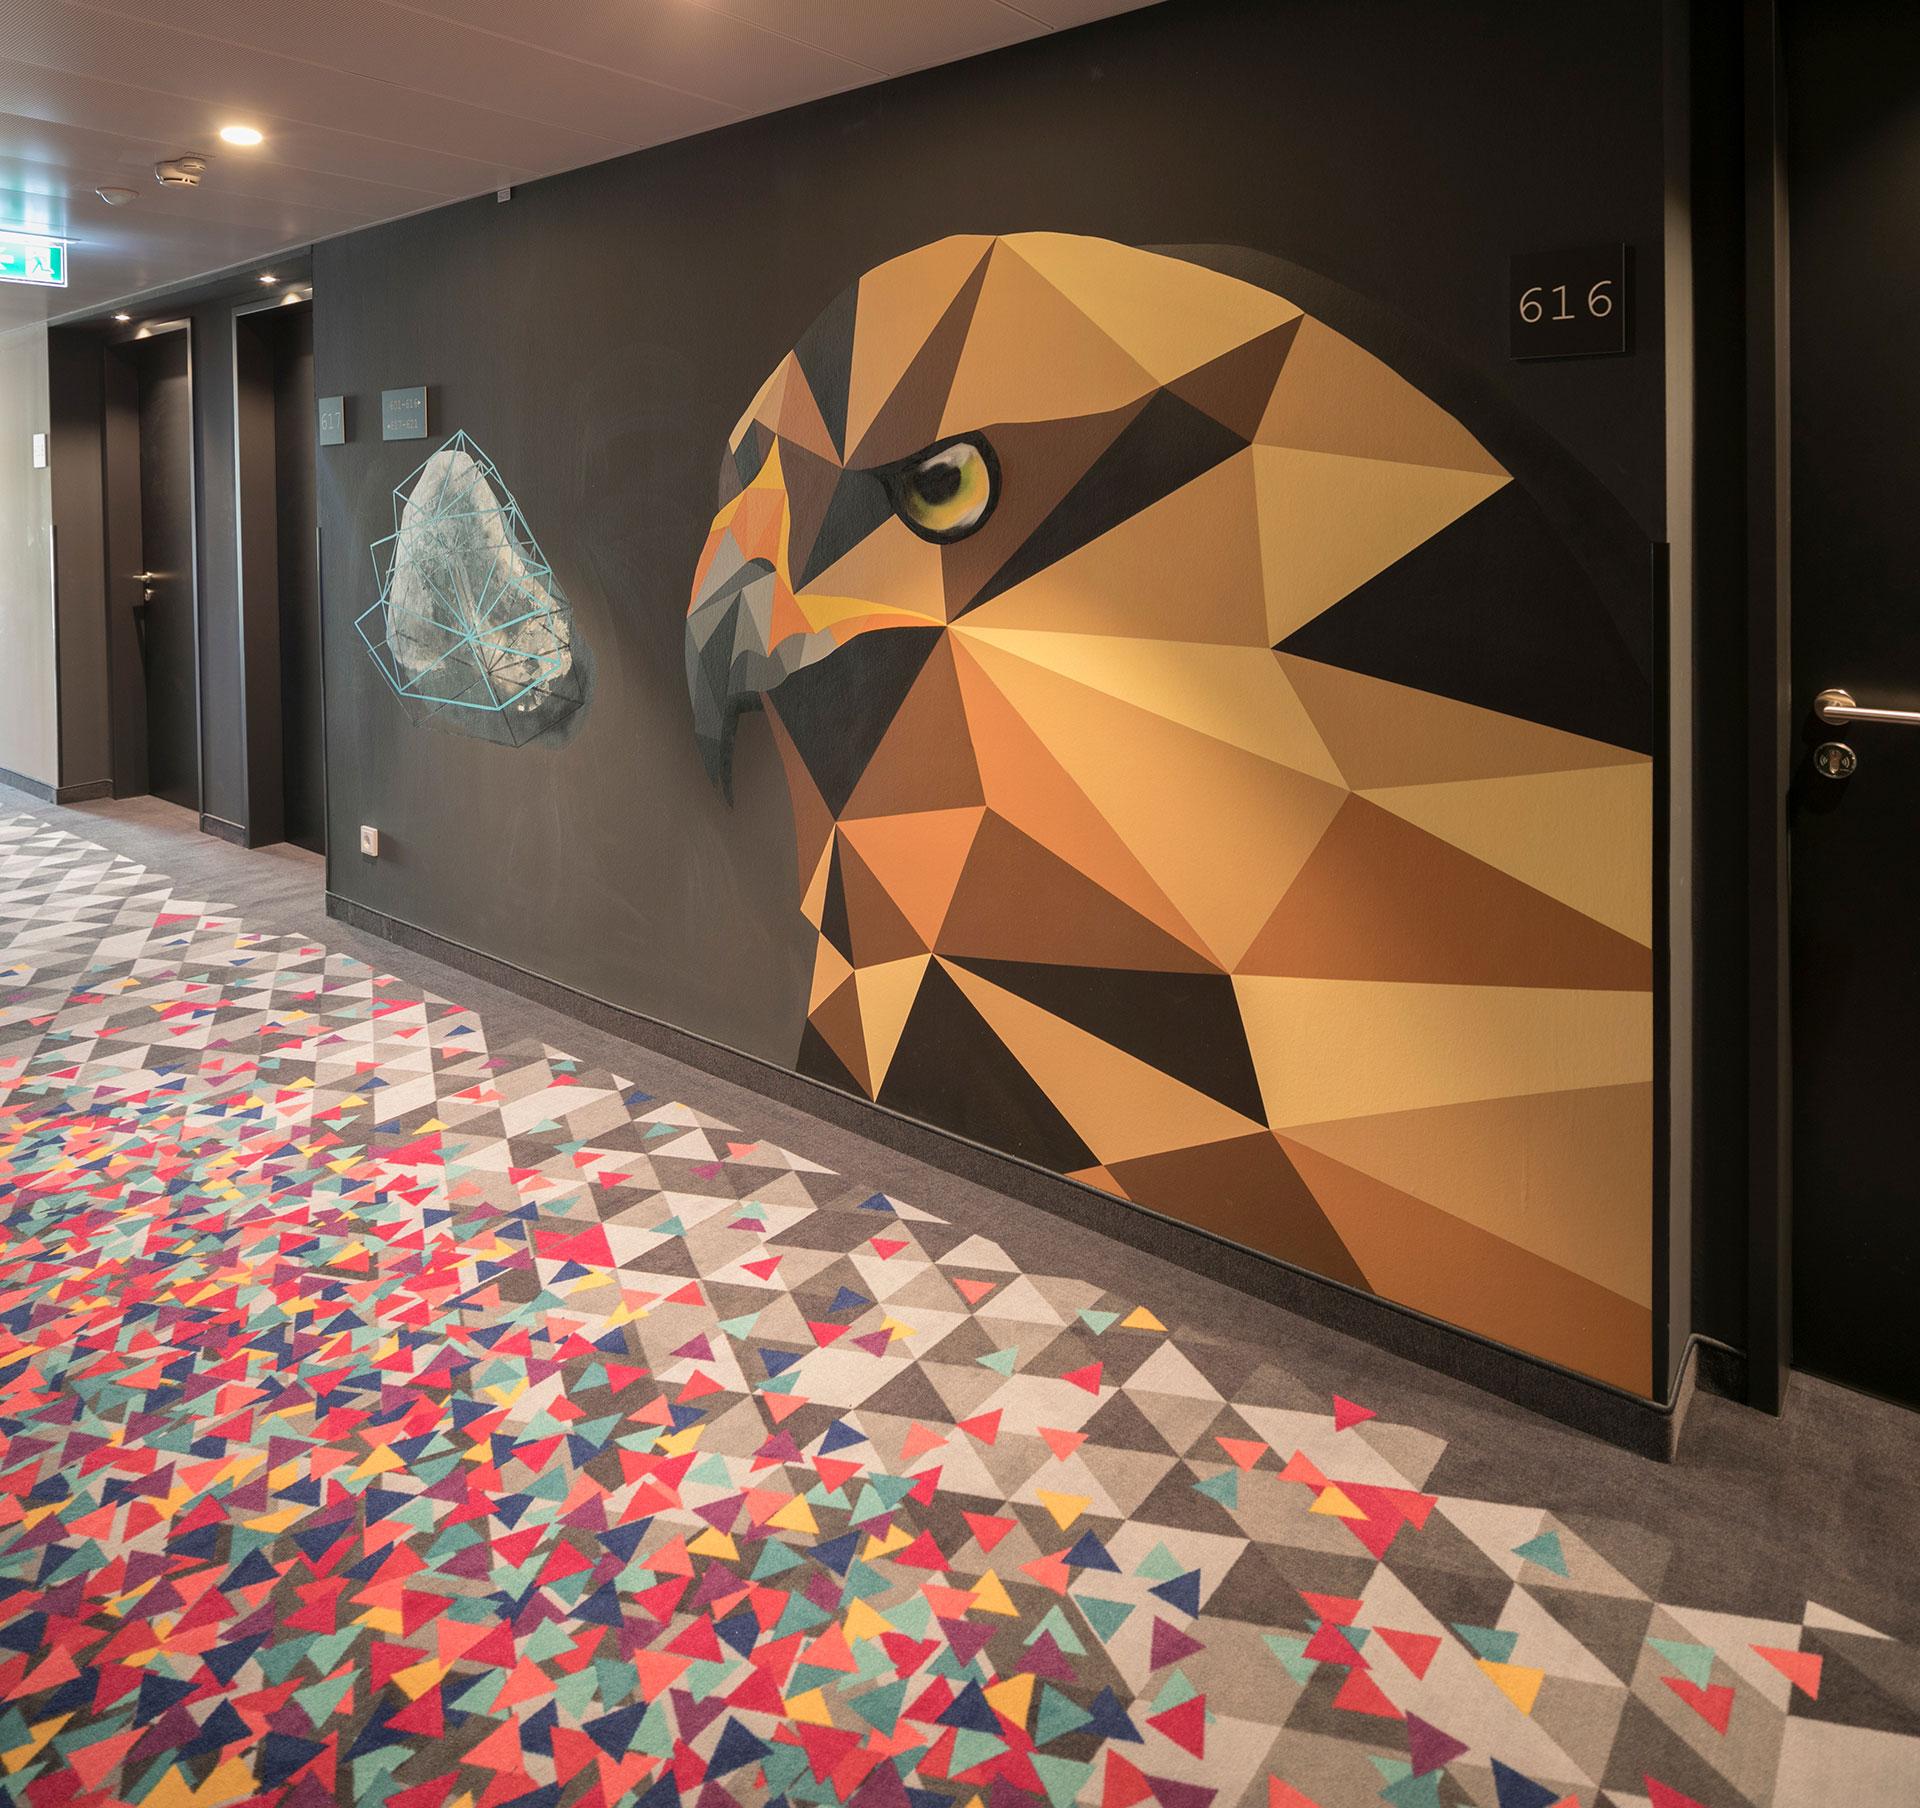 Hotelflur im Hotel niu Cobbles by Novum. Entworfen von JOI-Design